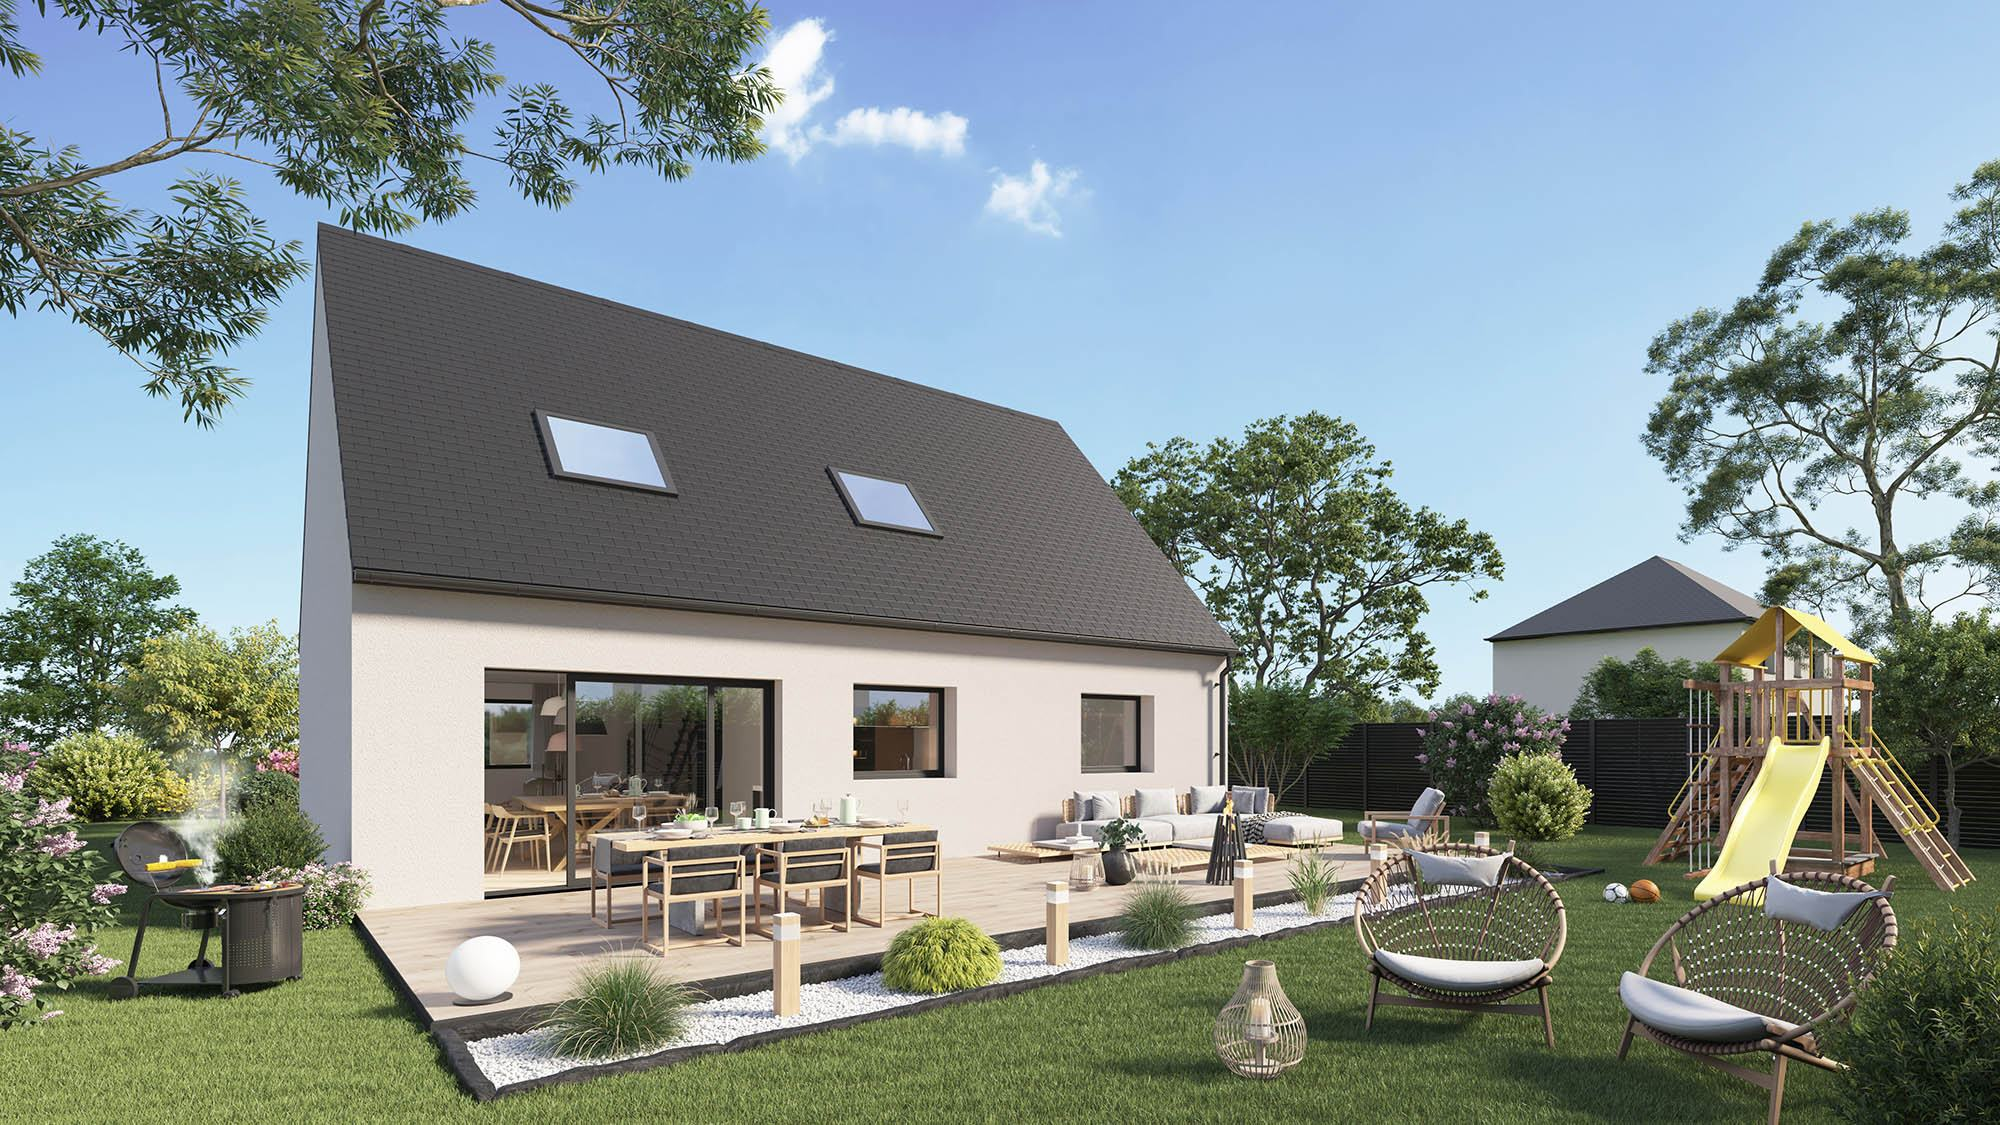 Votre maison + terrain à Rouen  - 76000